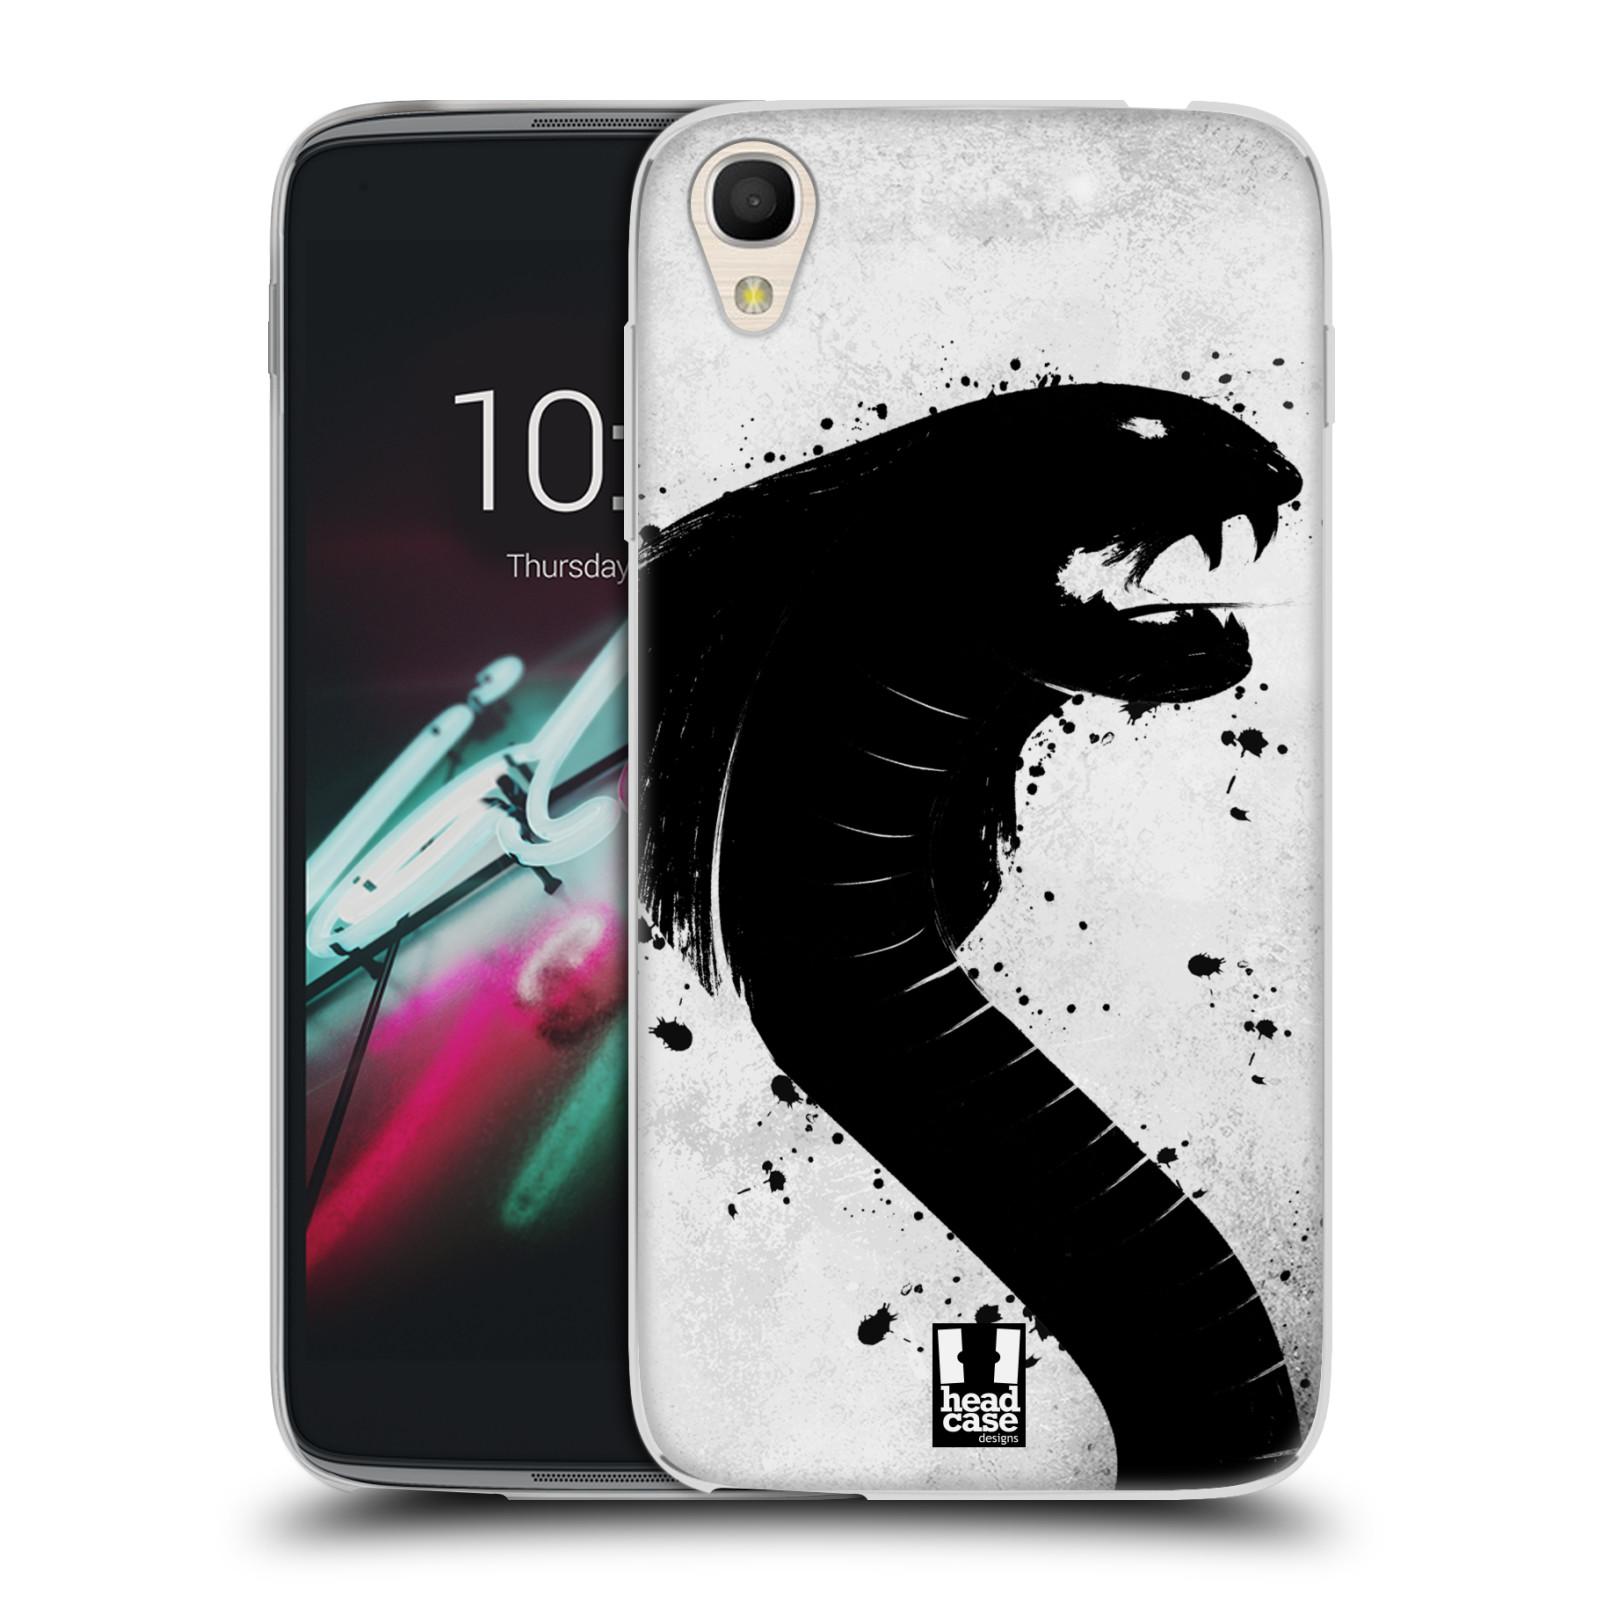 HEAD CASE silikonový obal na mobil Alcatel Idol 3 OT-6039Y (4.7) vzor Kresba tuš zvíře had kobra